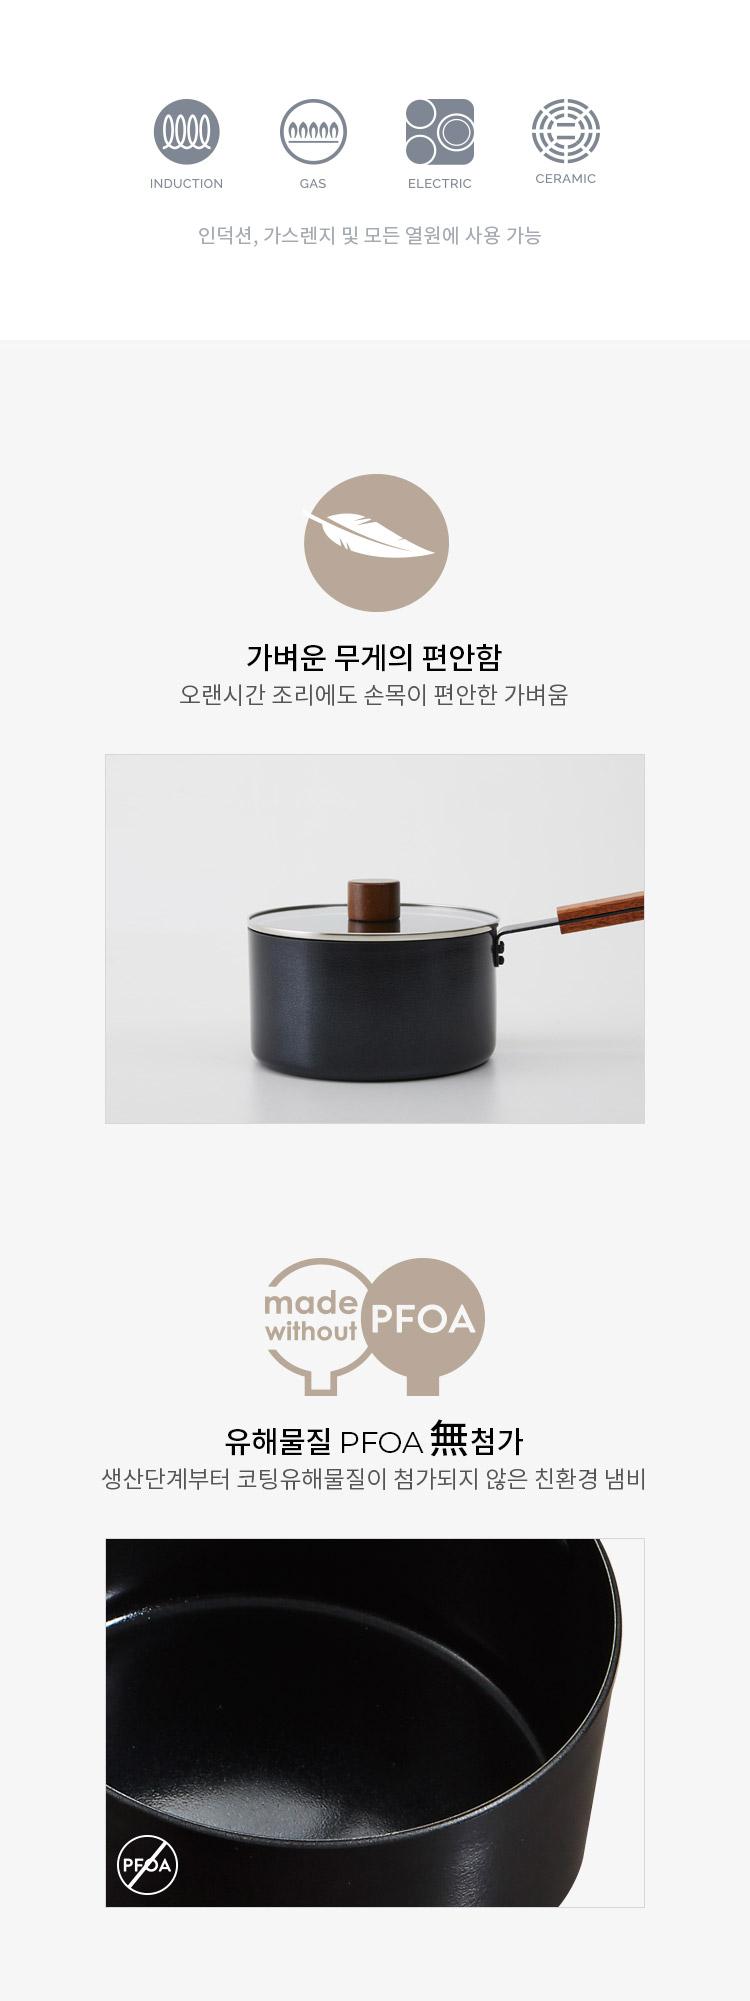 pot_new_02.jpg